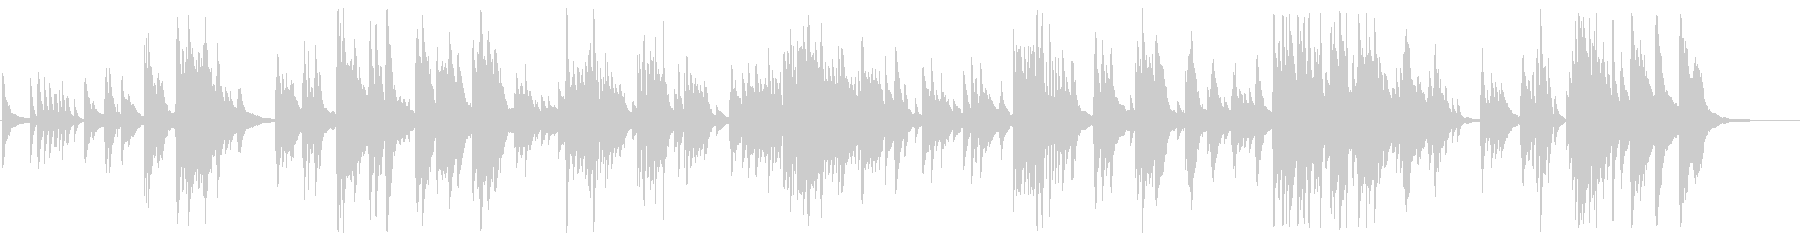 感動的な大人のジャズピアノBGMの未再生の波形